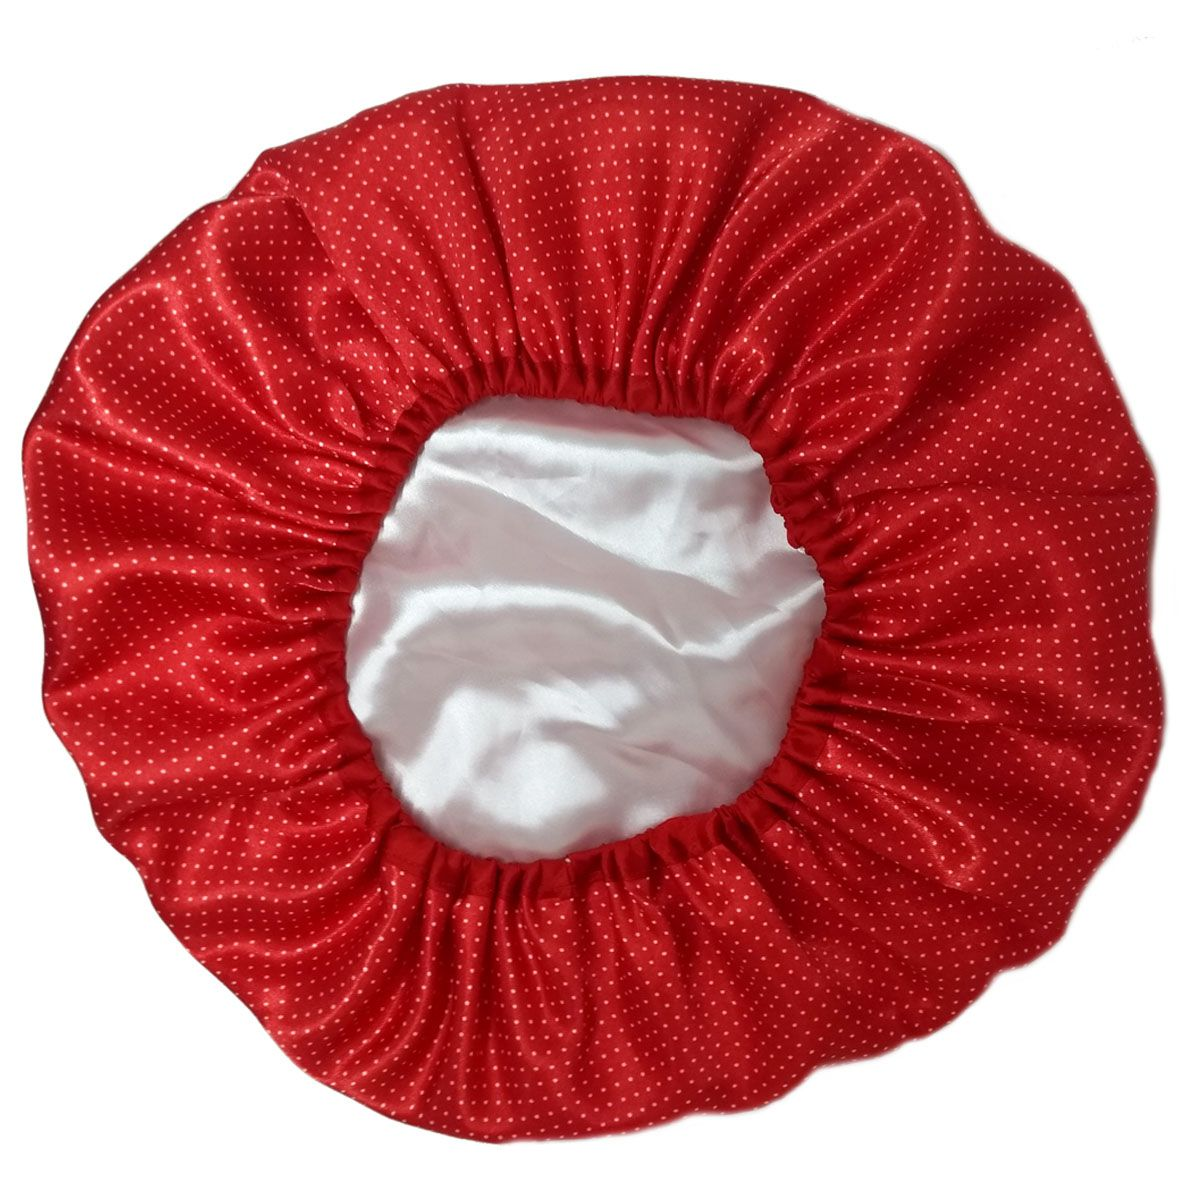 Touca de Cetim Dupla Face Vermelha com bolinhas brancas - Viés